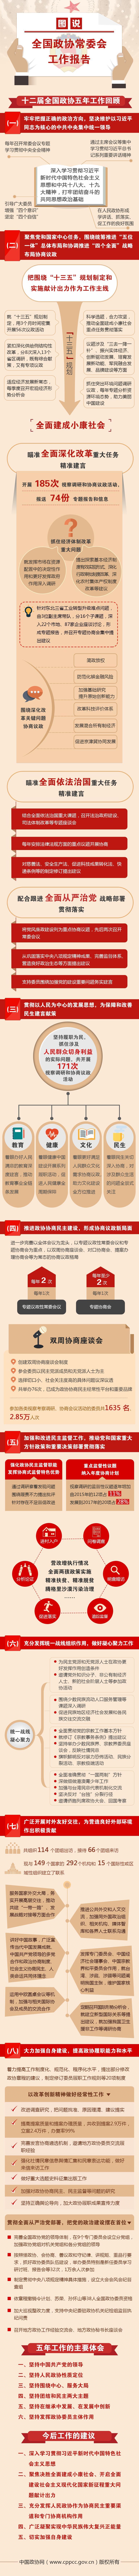 黄金8彩票娱乐平台:一图读懂全国政协常委会工作报告